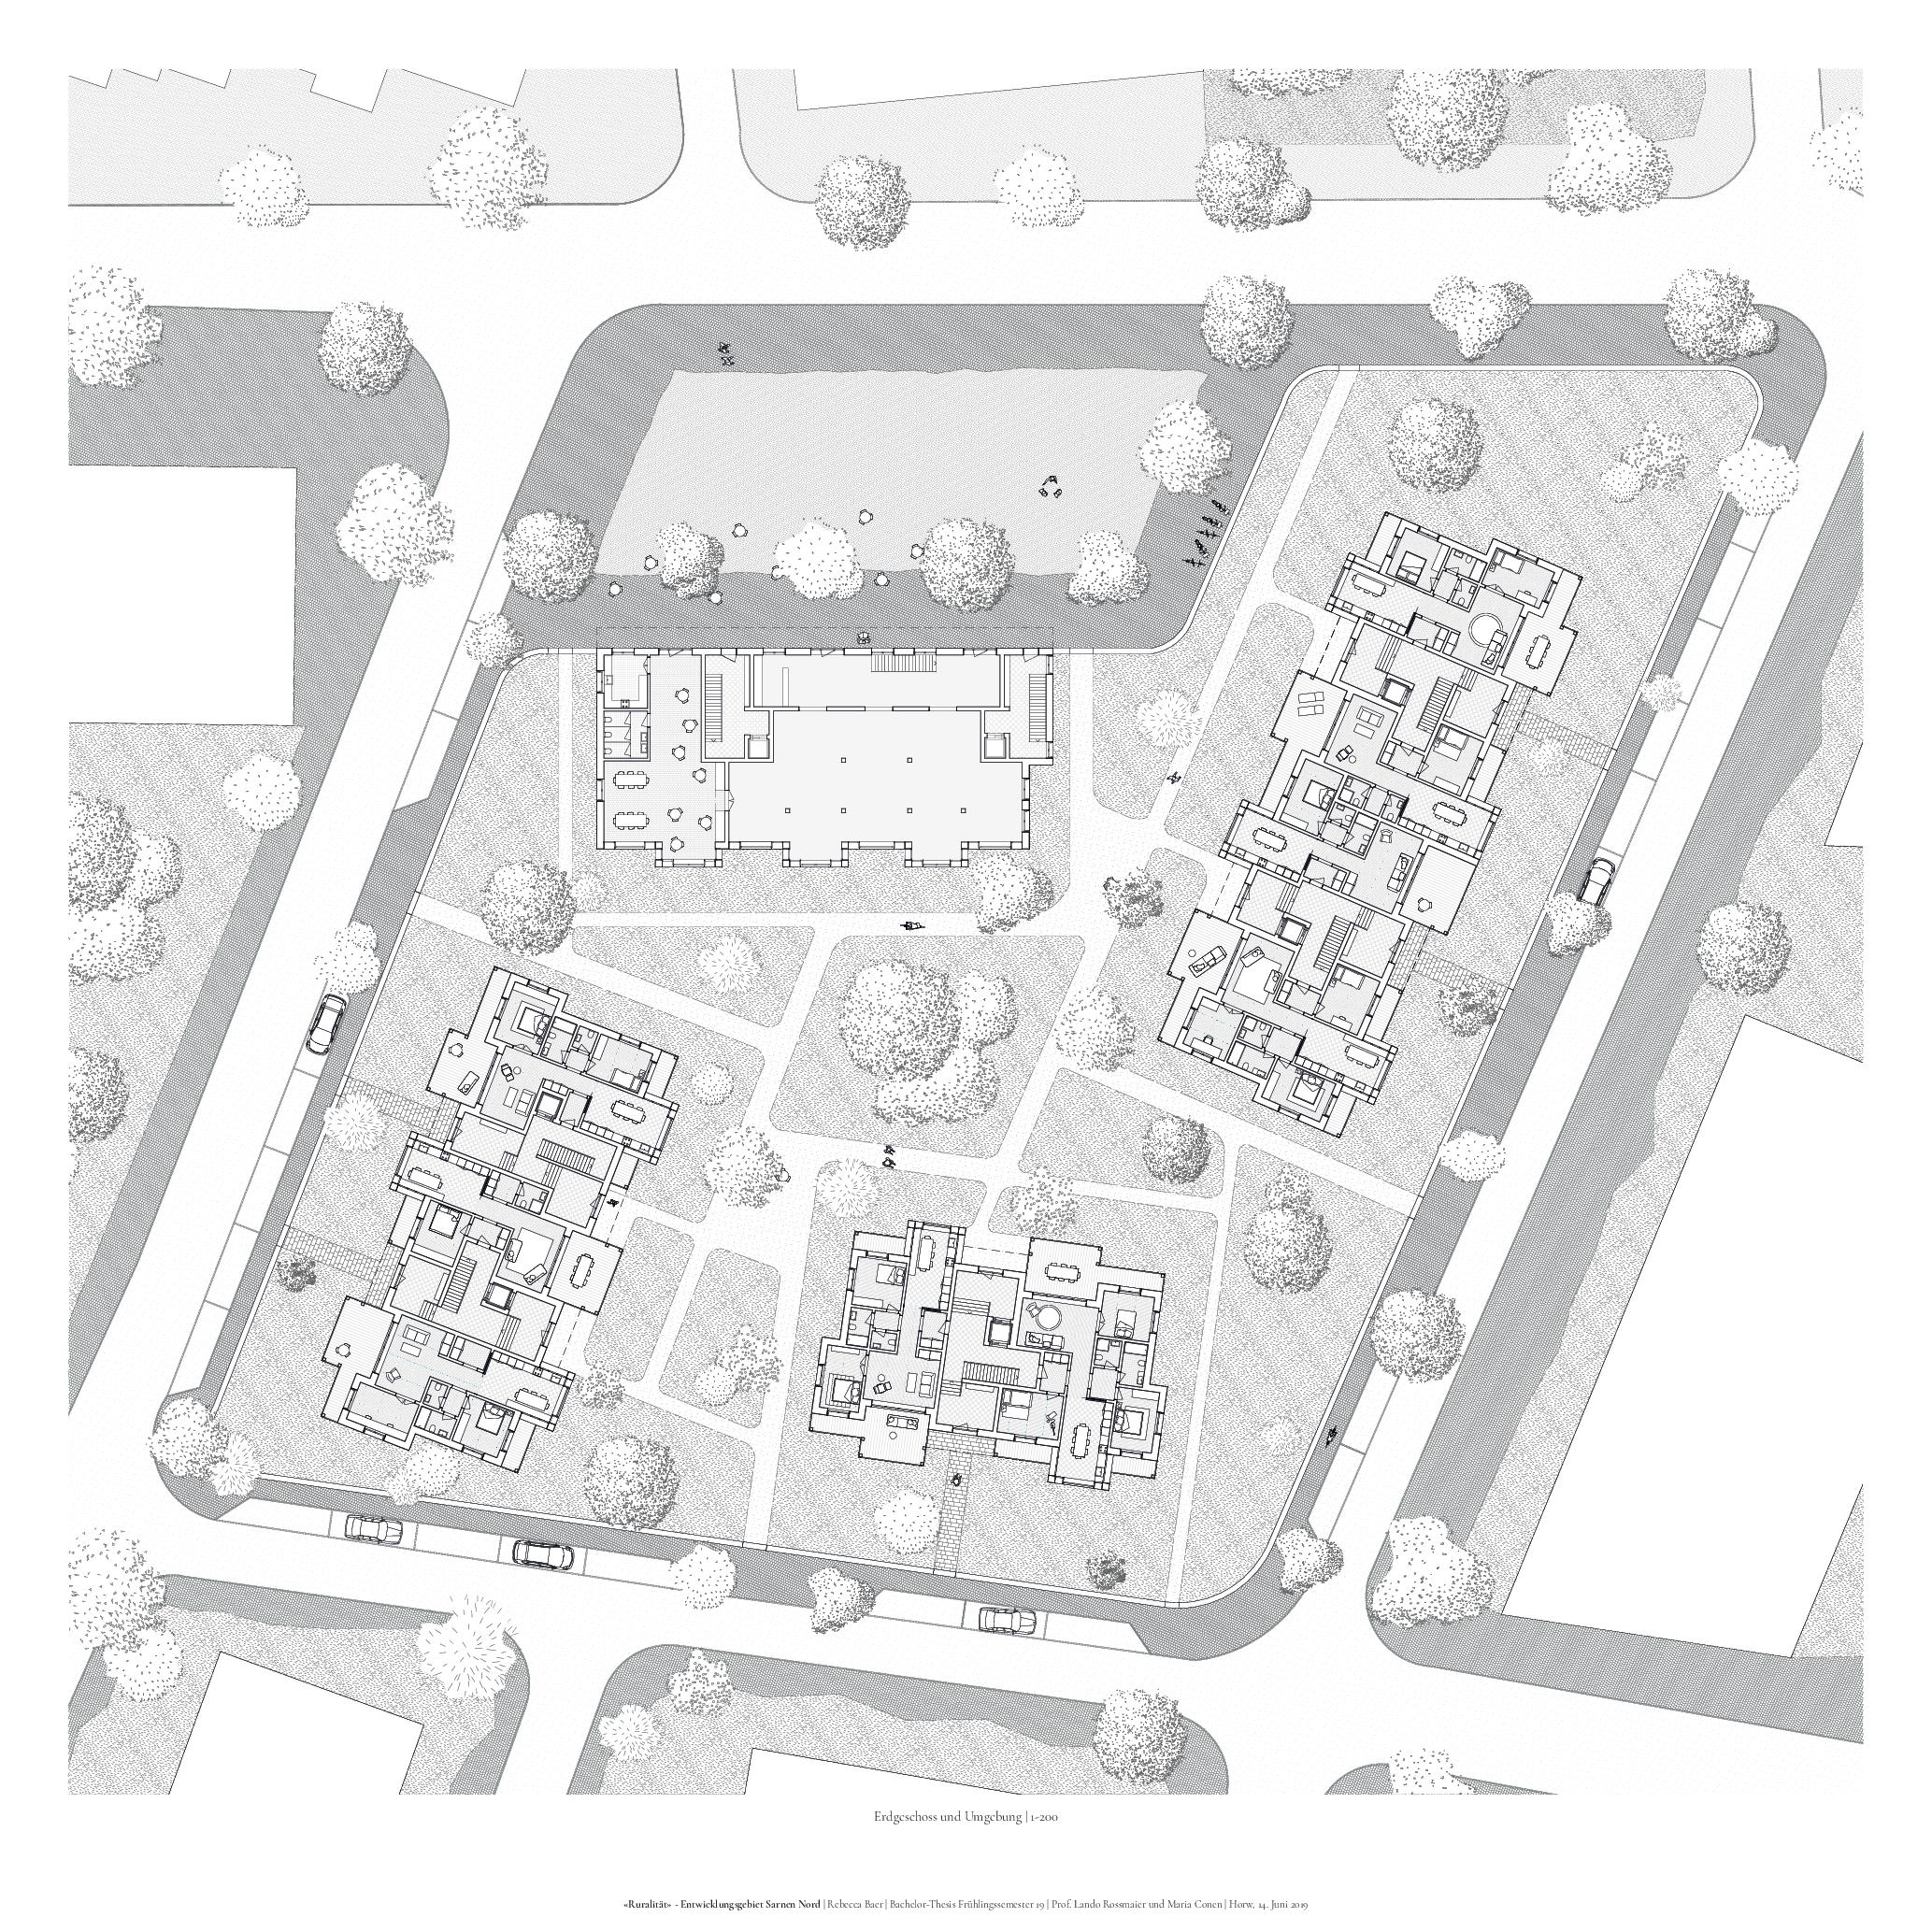 Erdgeschoss | Umgebung 1-200